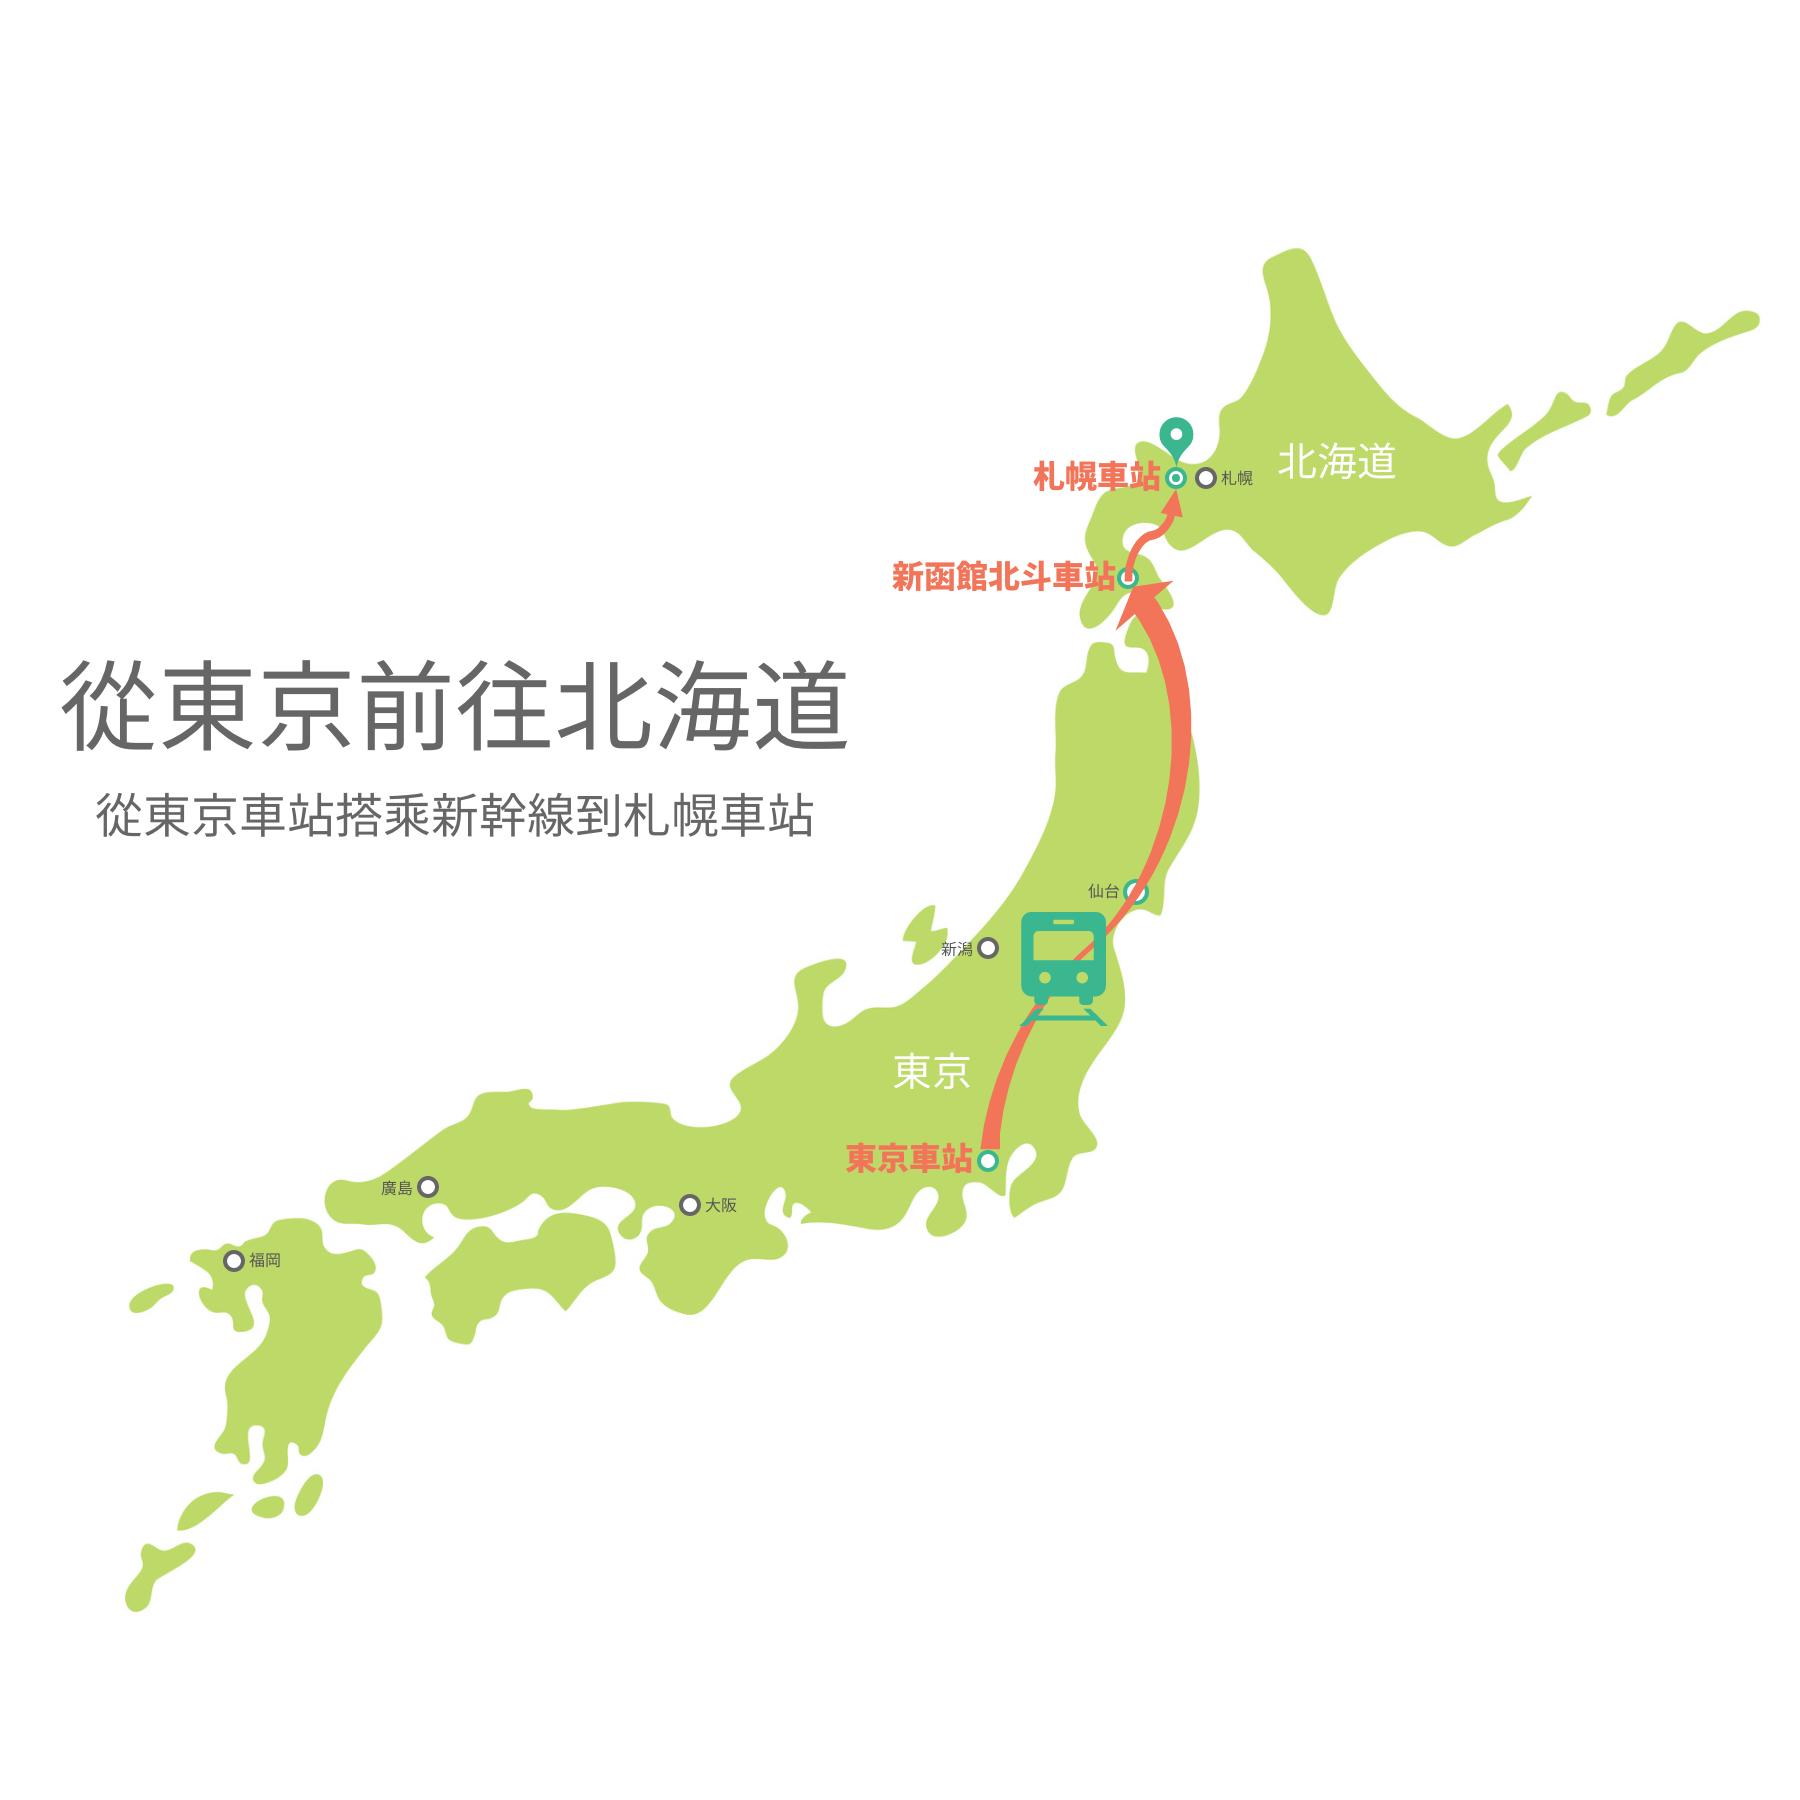 從東京車站搭乘新幹線到札幌車站的交通方式示意圖